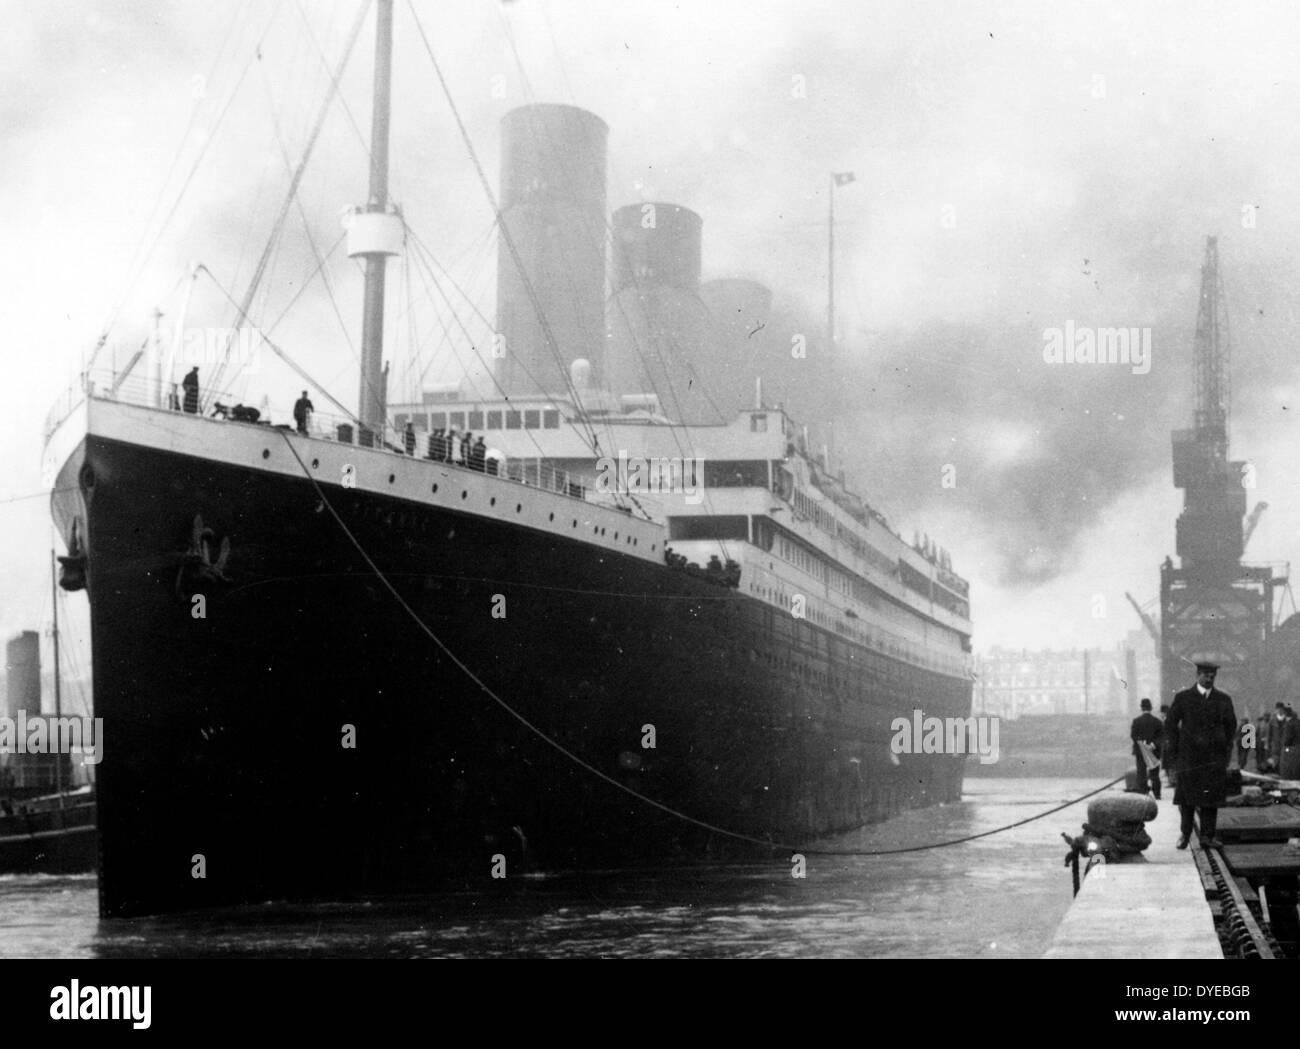 RMS Titanic war ein britisches Passagierschiff, das im Nordatlantik am 15. April 1912 sank Stockbild